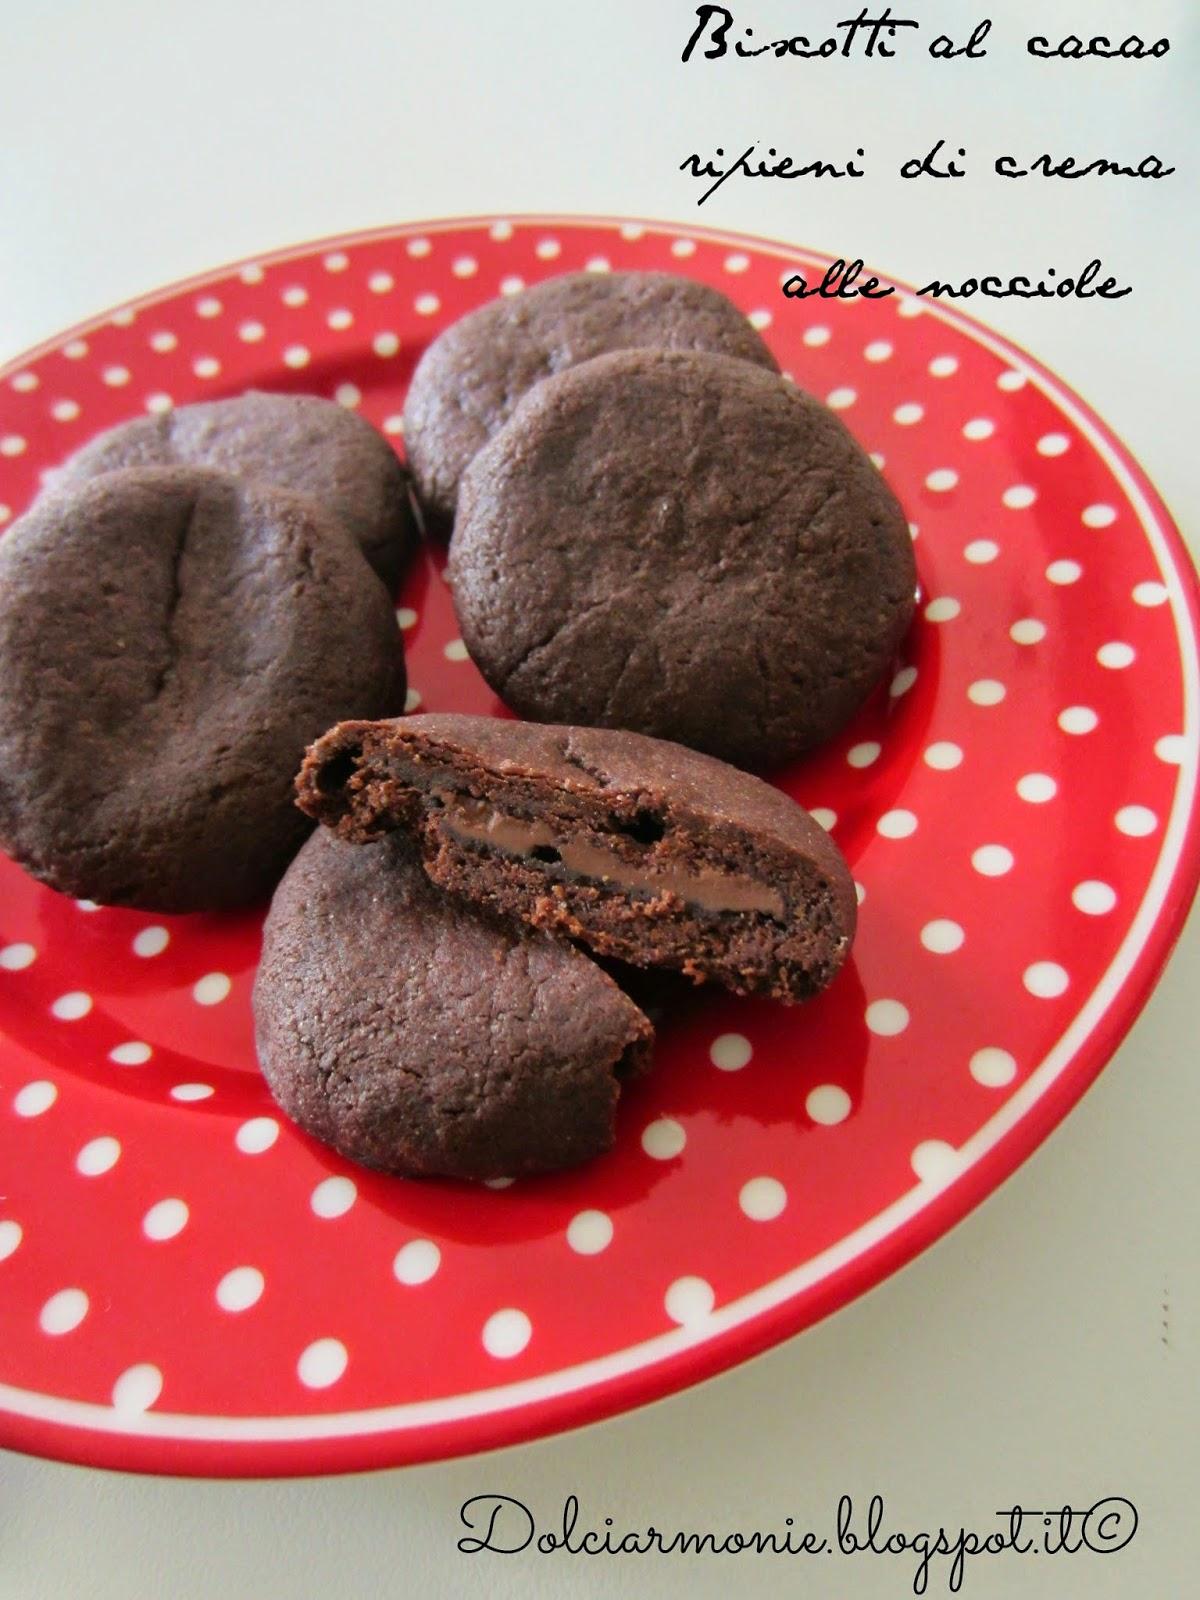 biscotti al cacao ripieni di crema di nocciole e che fameee !!!